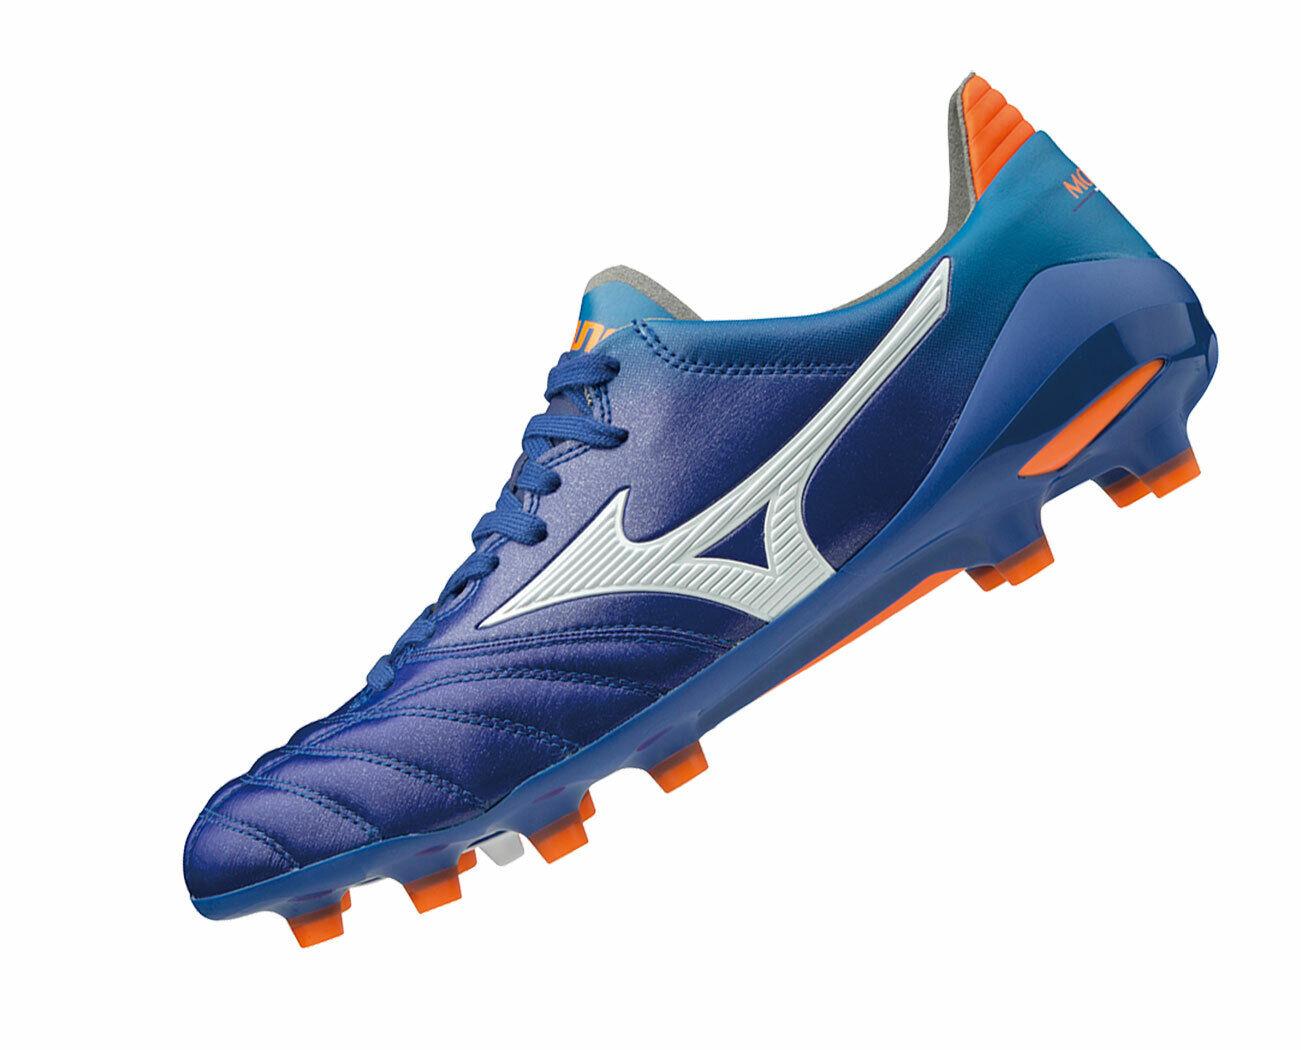 Mizuno morelia neo 2 japón p1ga195101 cuero botas de futbol profesional nuevo